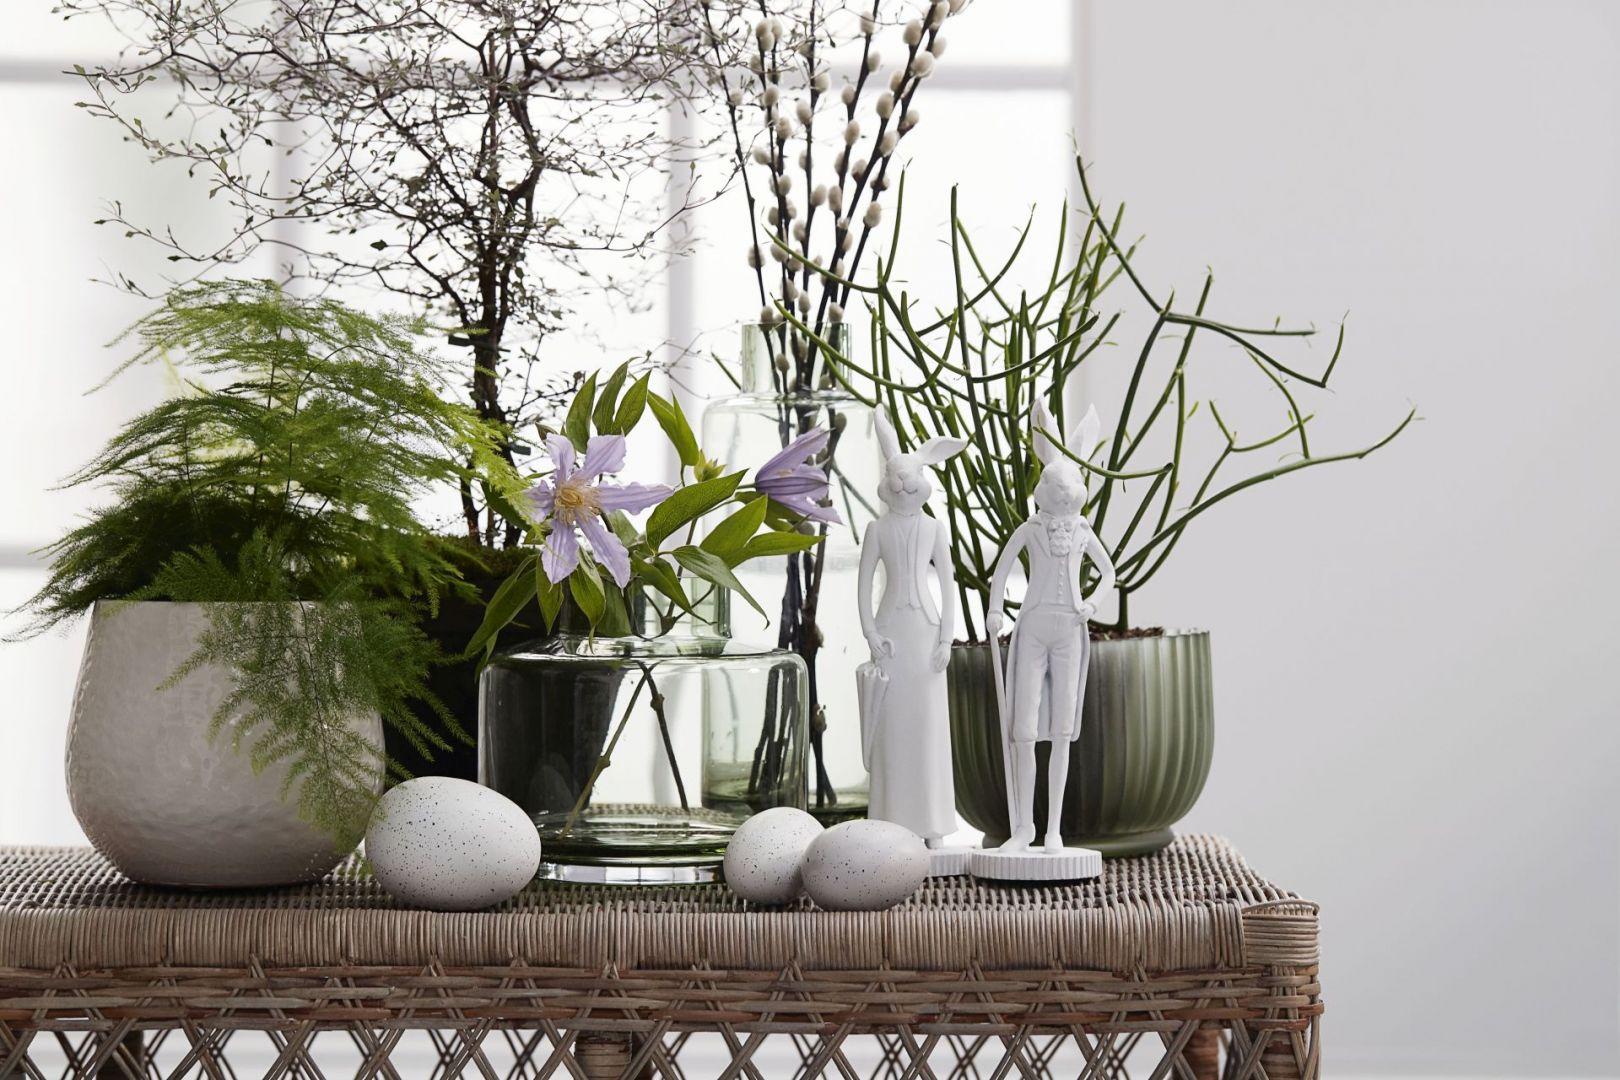 Minimalistyczna dekoracja wielkanocna w kolorach białym i zielonym. Fot. Ella James